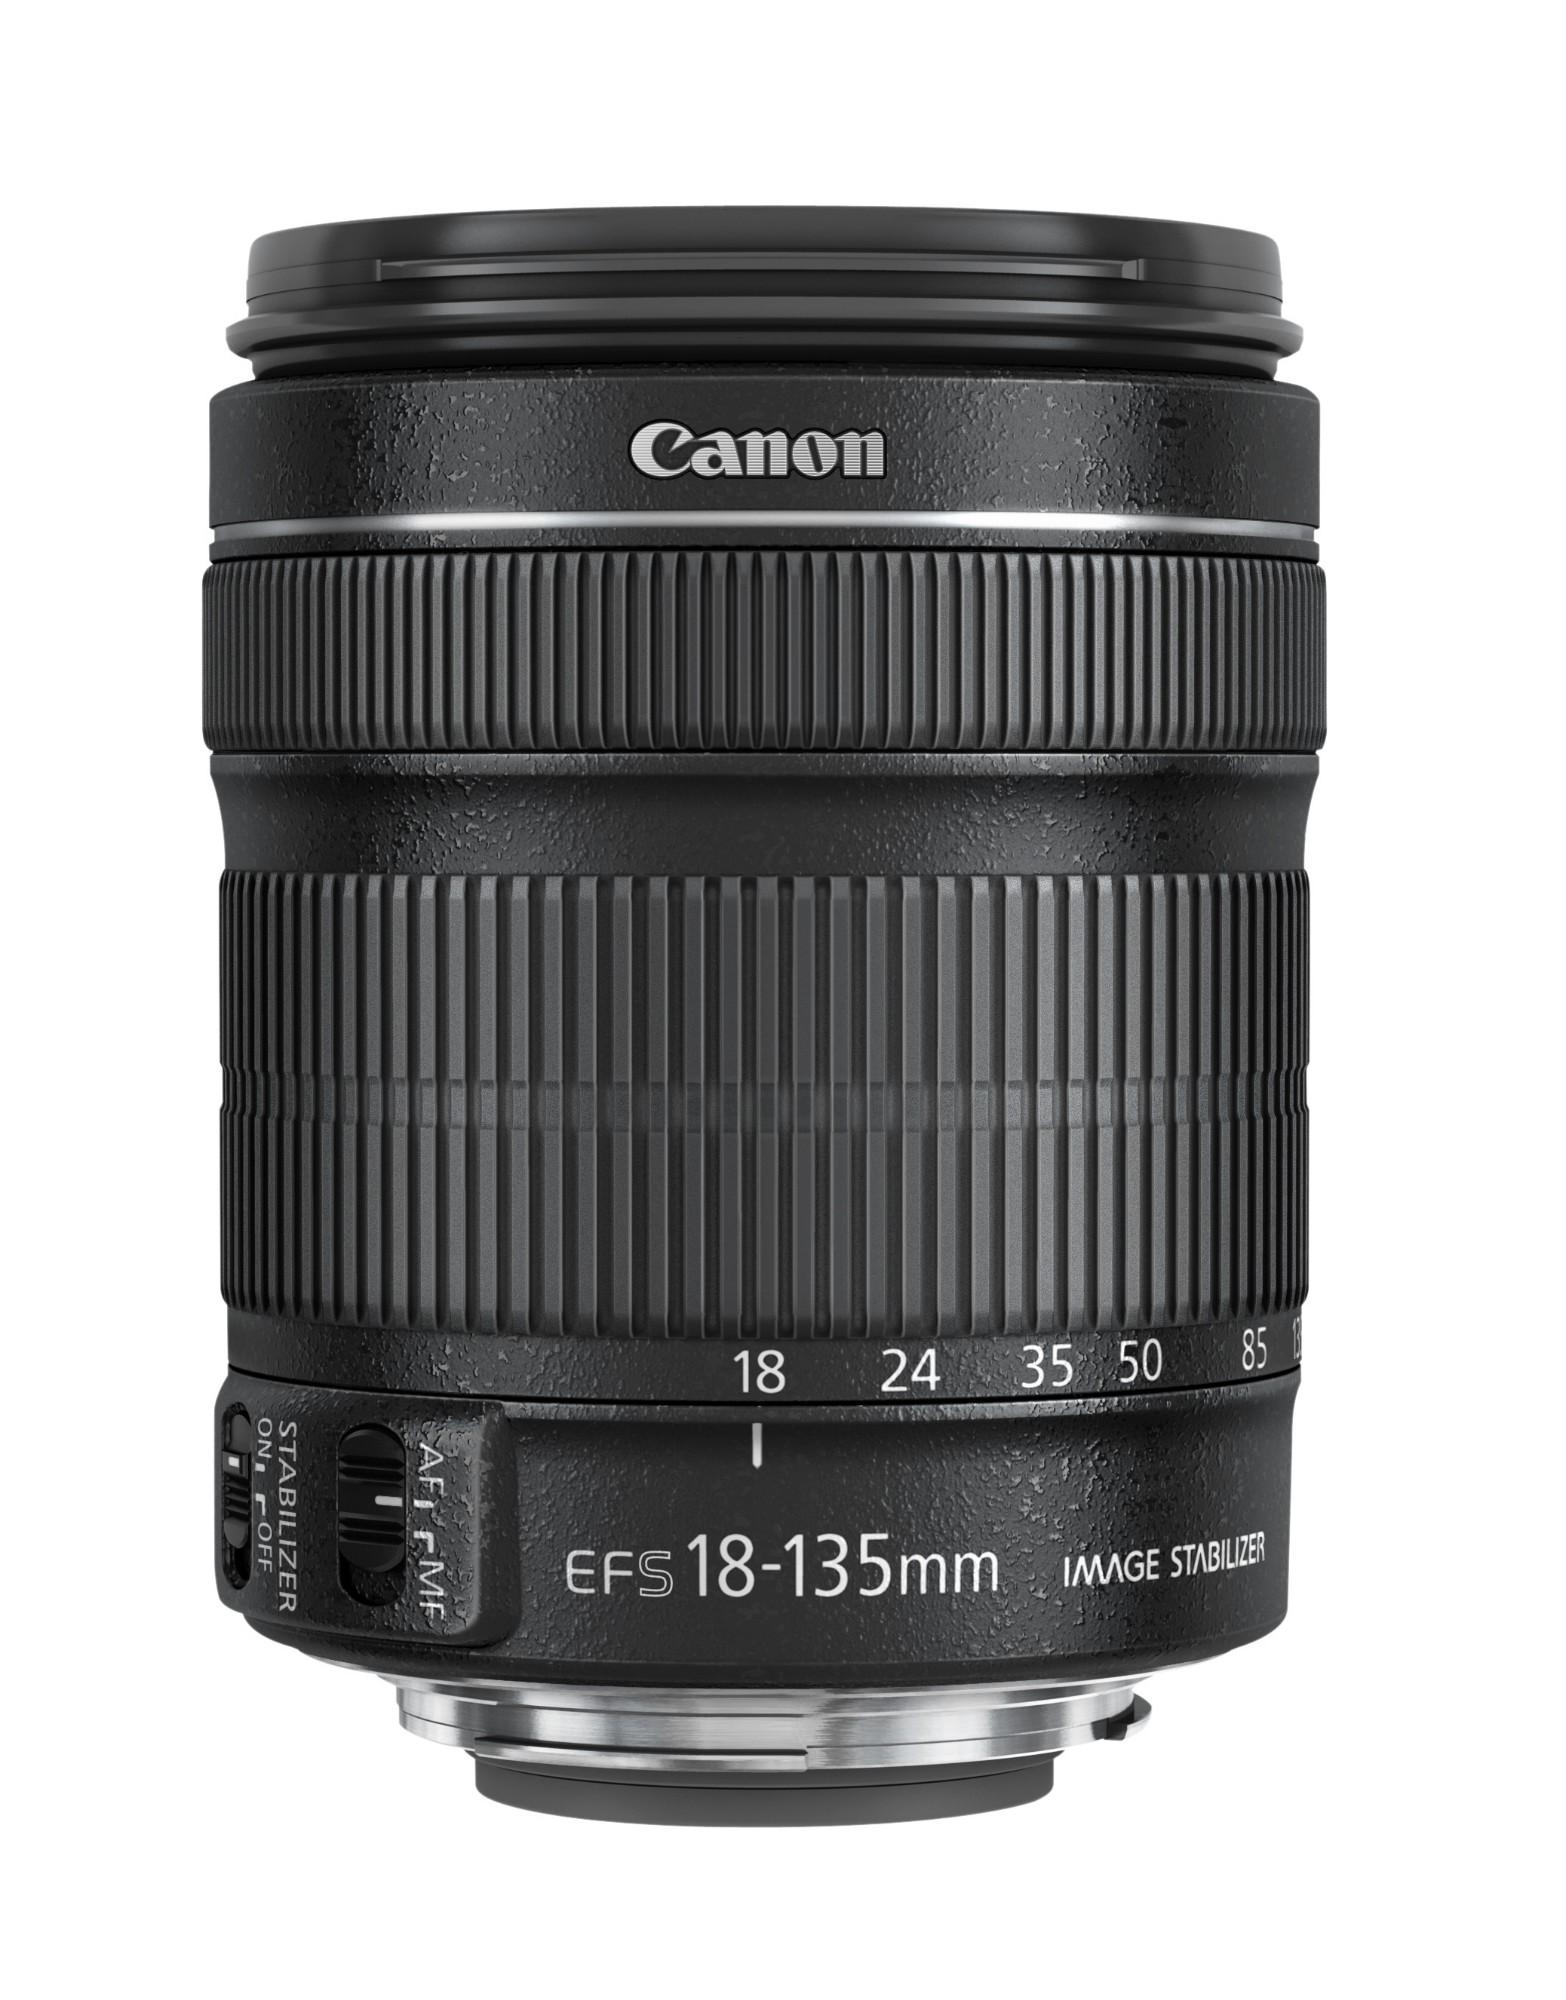 Canon EF-S 18-135mm f/3.5-5.6 IS STM SLR Objetivo estándar Negro